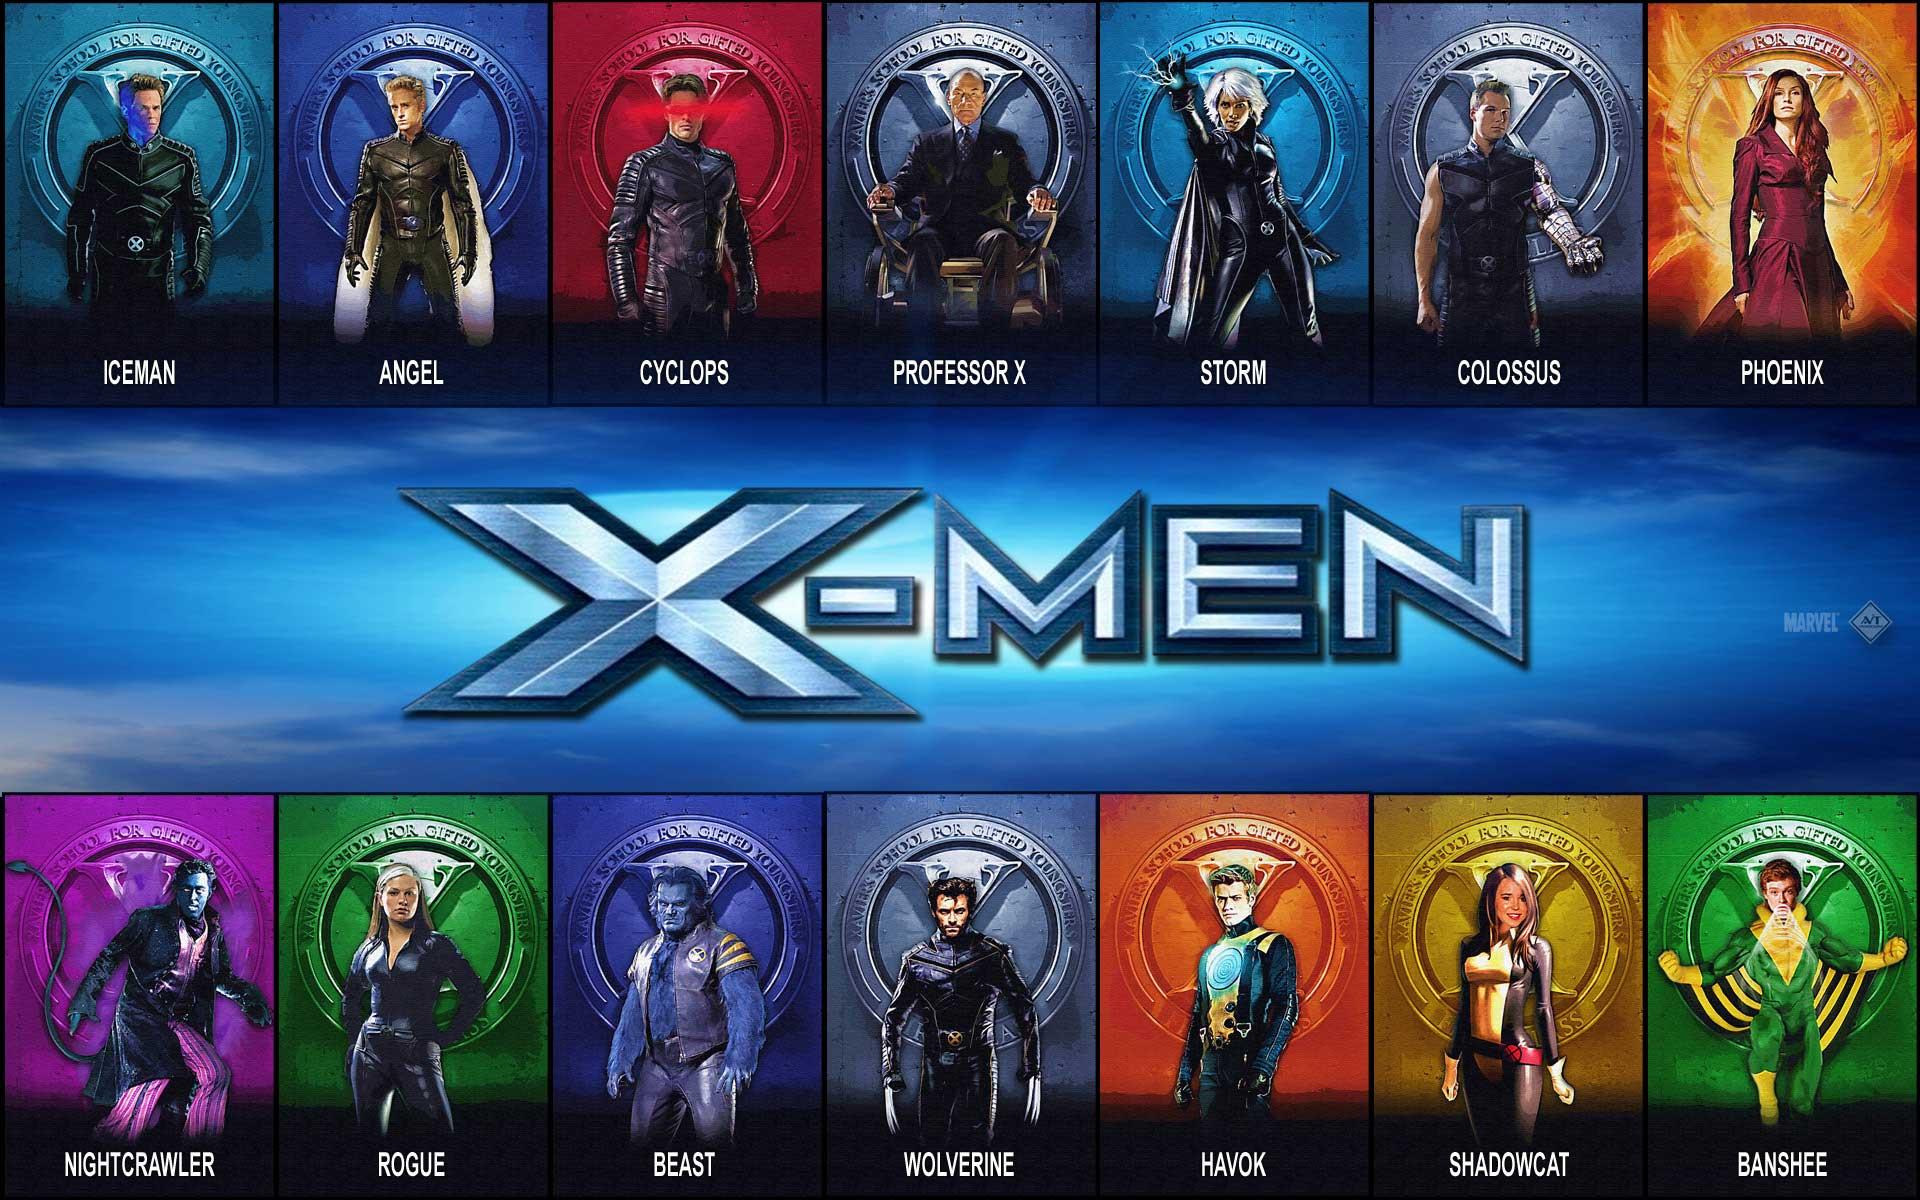 download XMen Apocalypse Movie Wallpaper MyMovieWallpapers 1920x1200